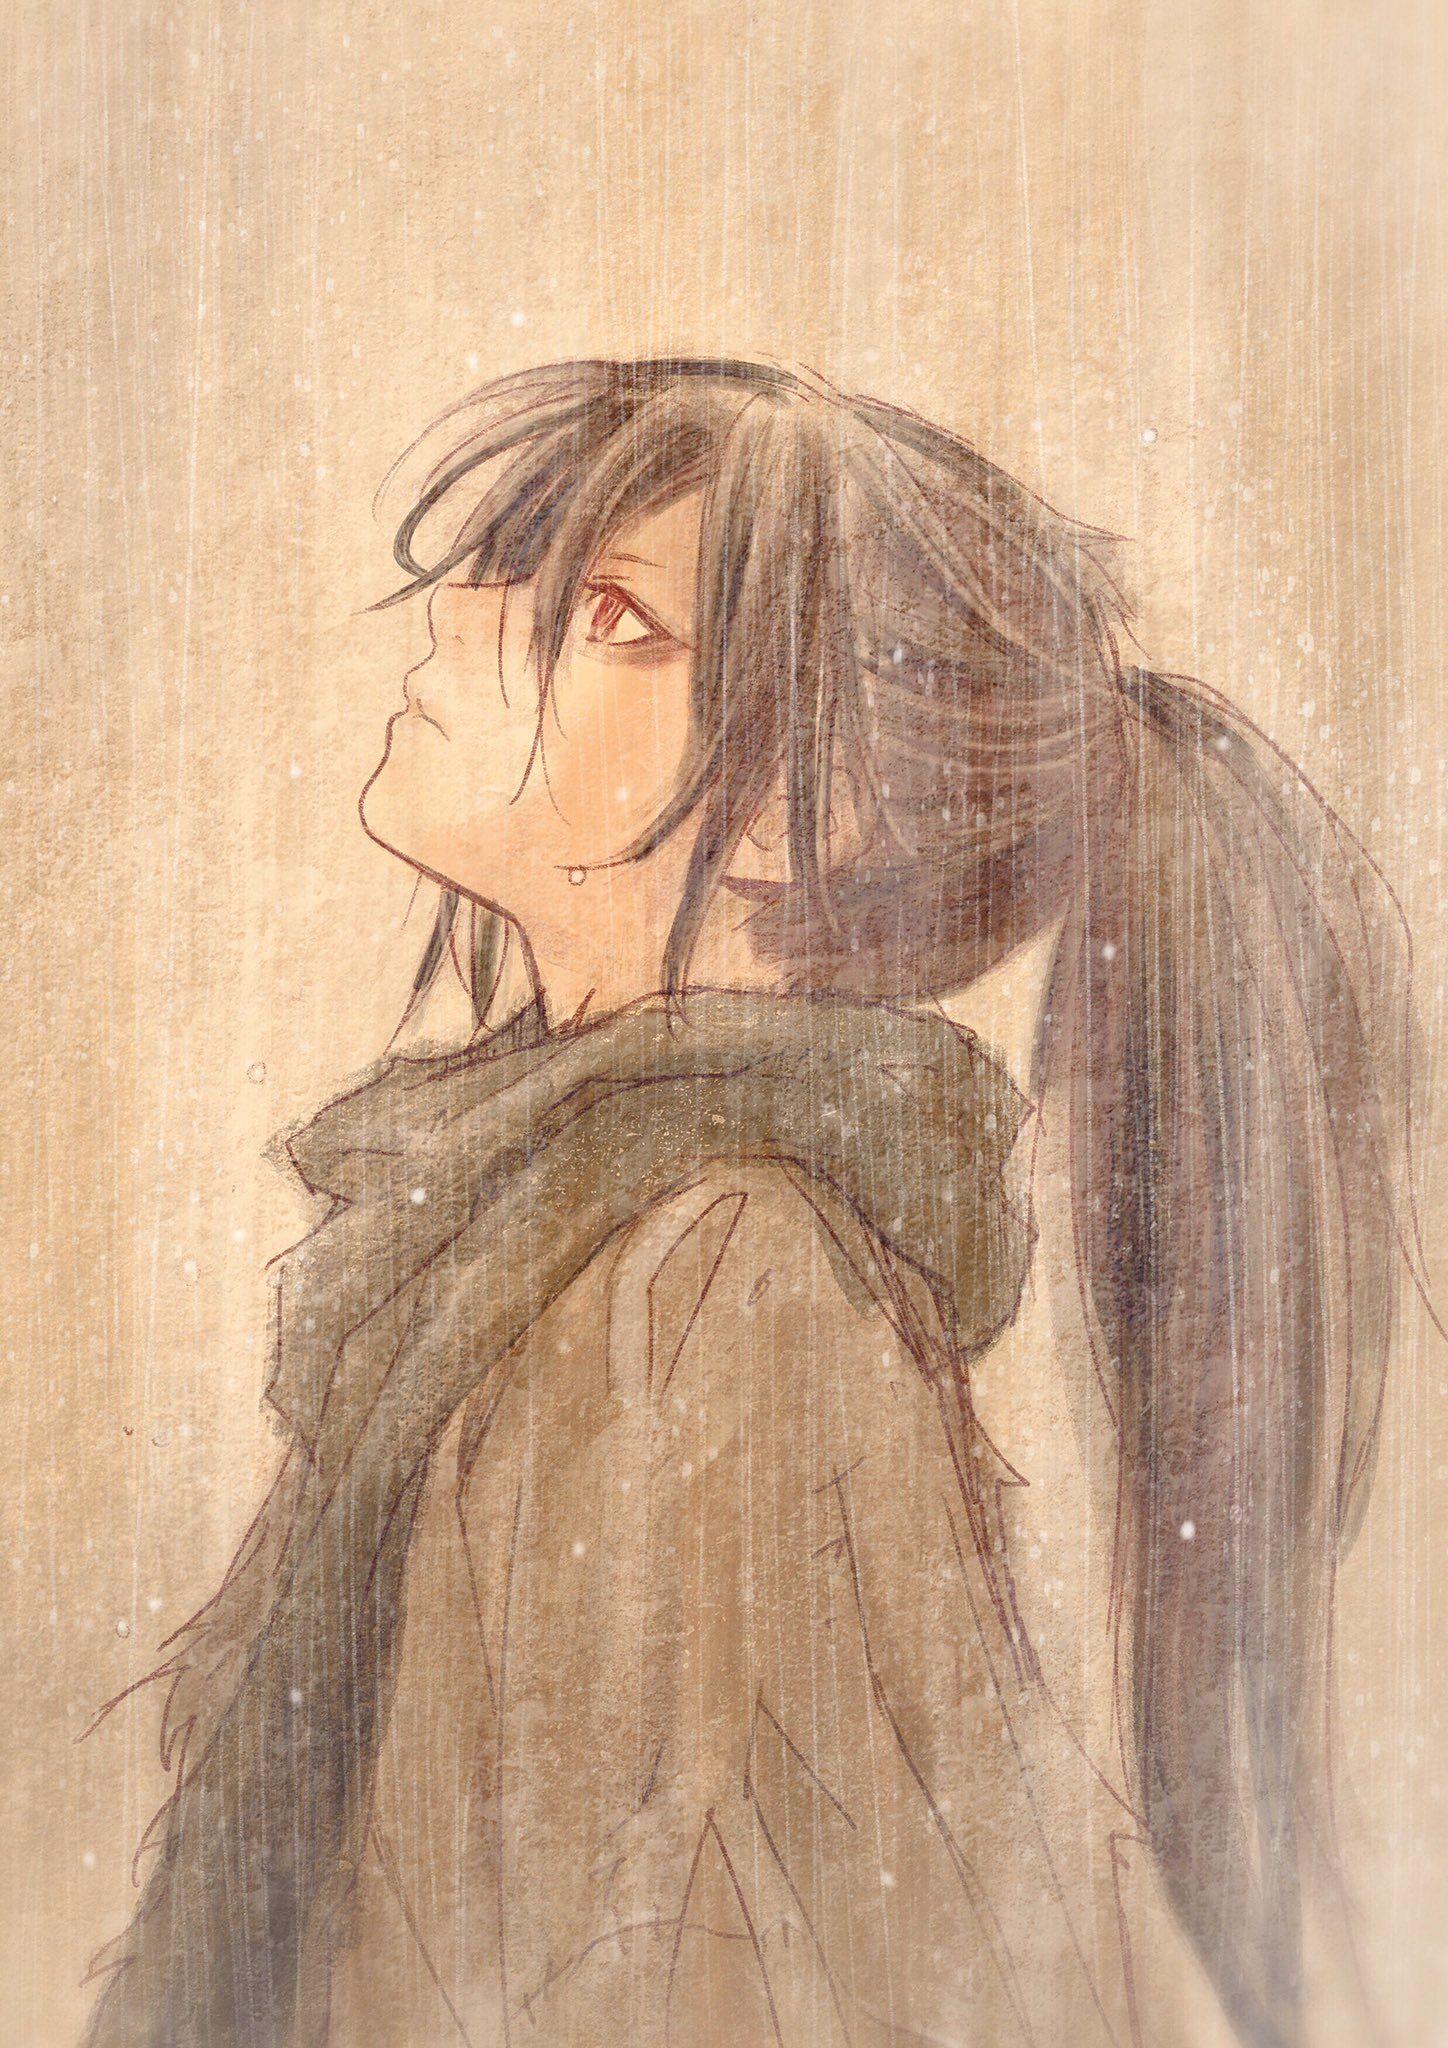 Pin De Ester En Dororo Arte De Anime Wallpaper De Anime Dibujos De Anime